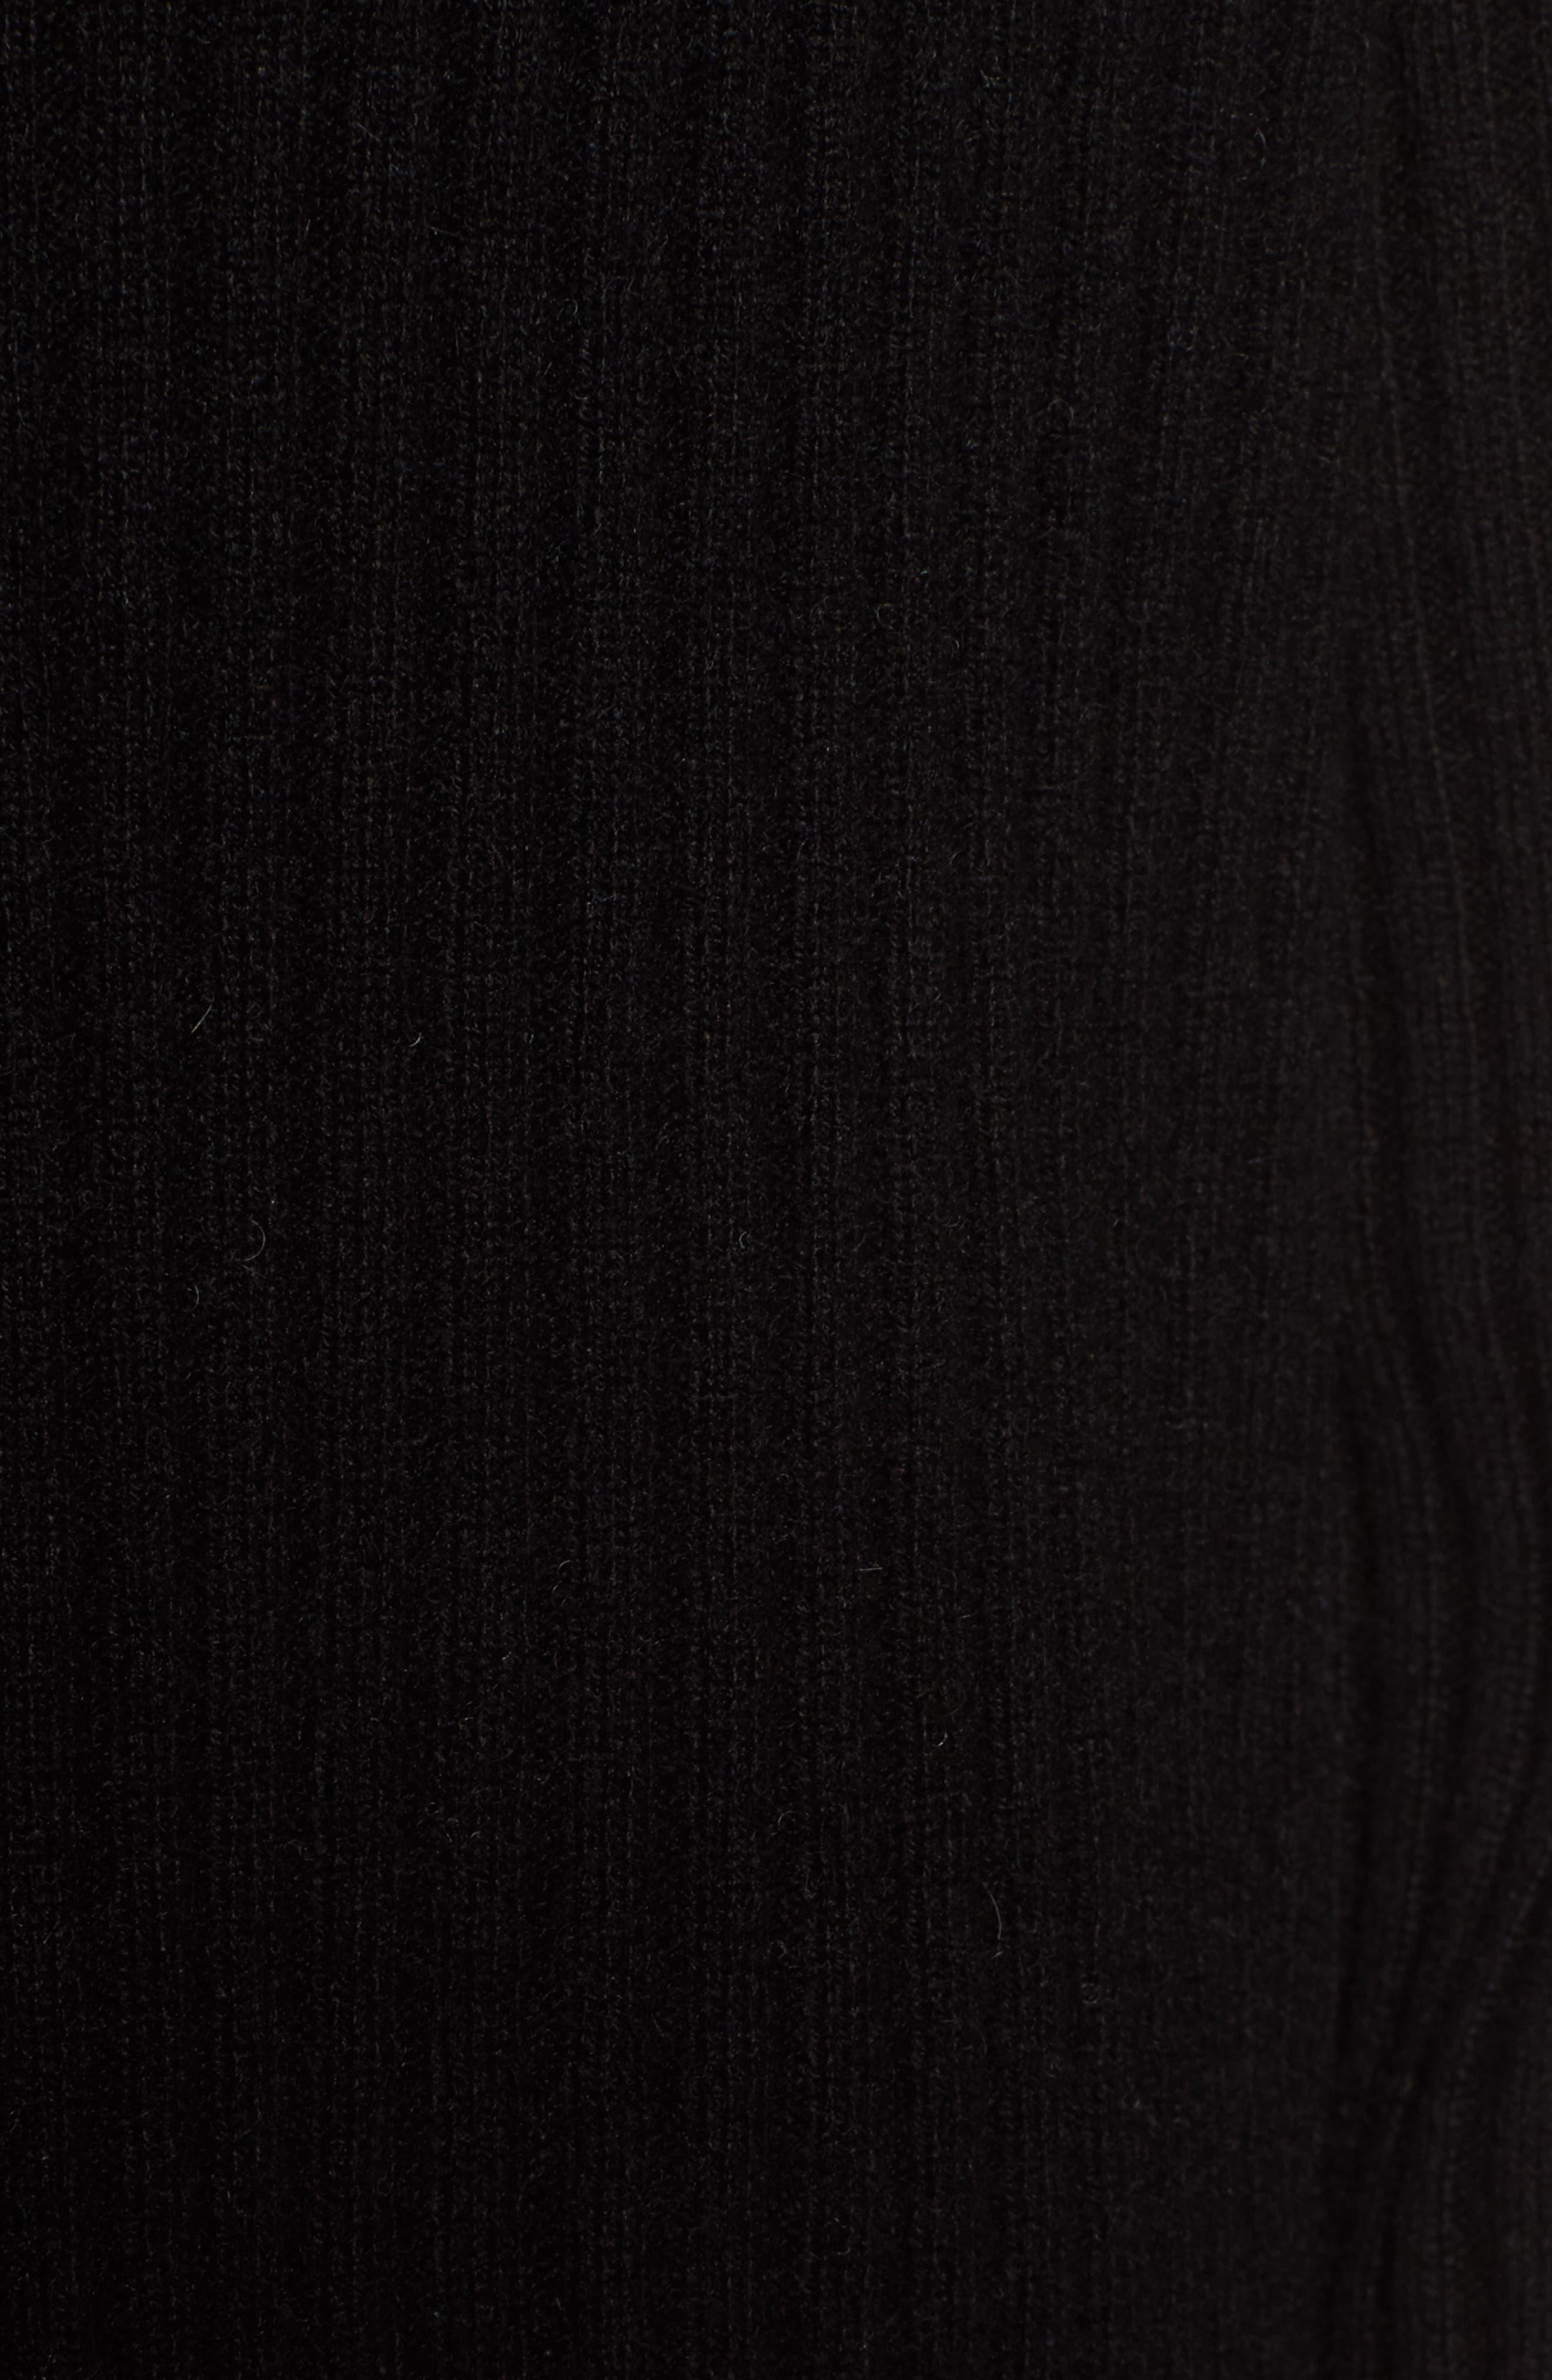 Rib Knit Cashmere Cardigan,                             Alternate thumbnail 3, color,                             Black